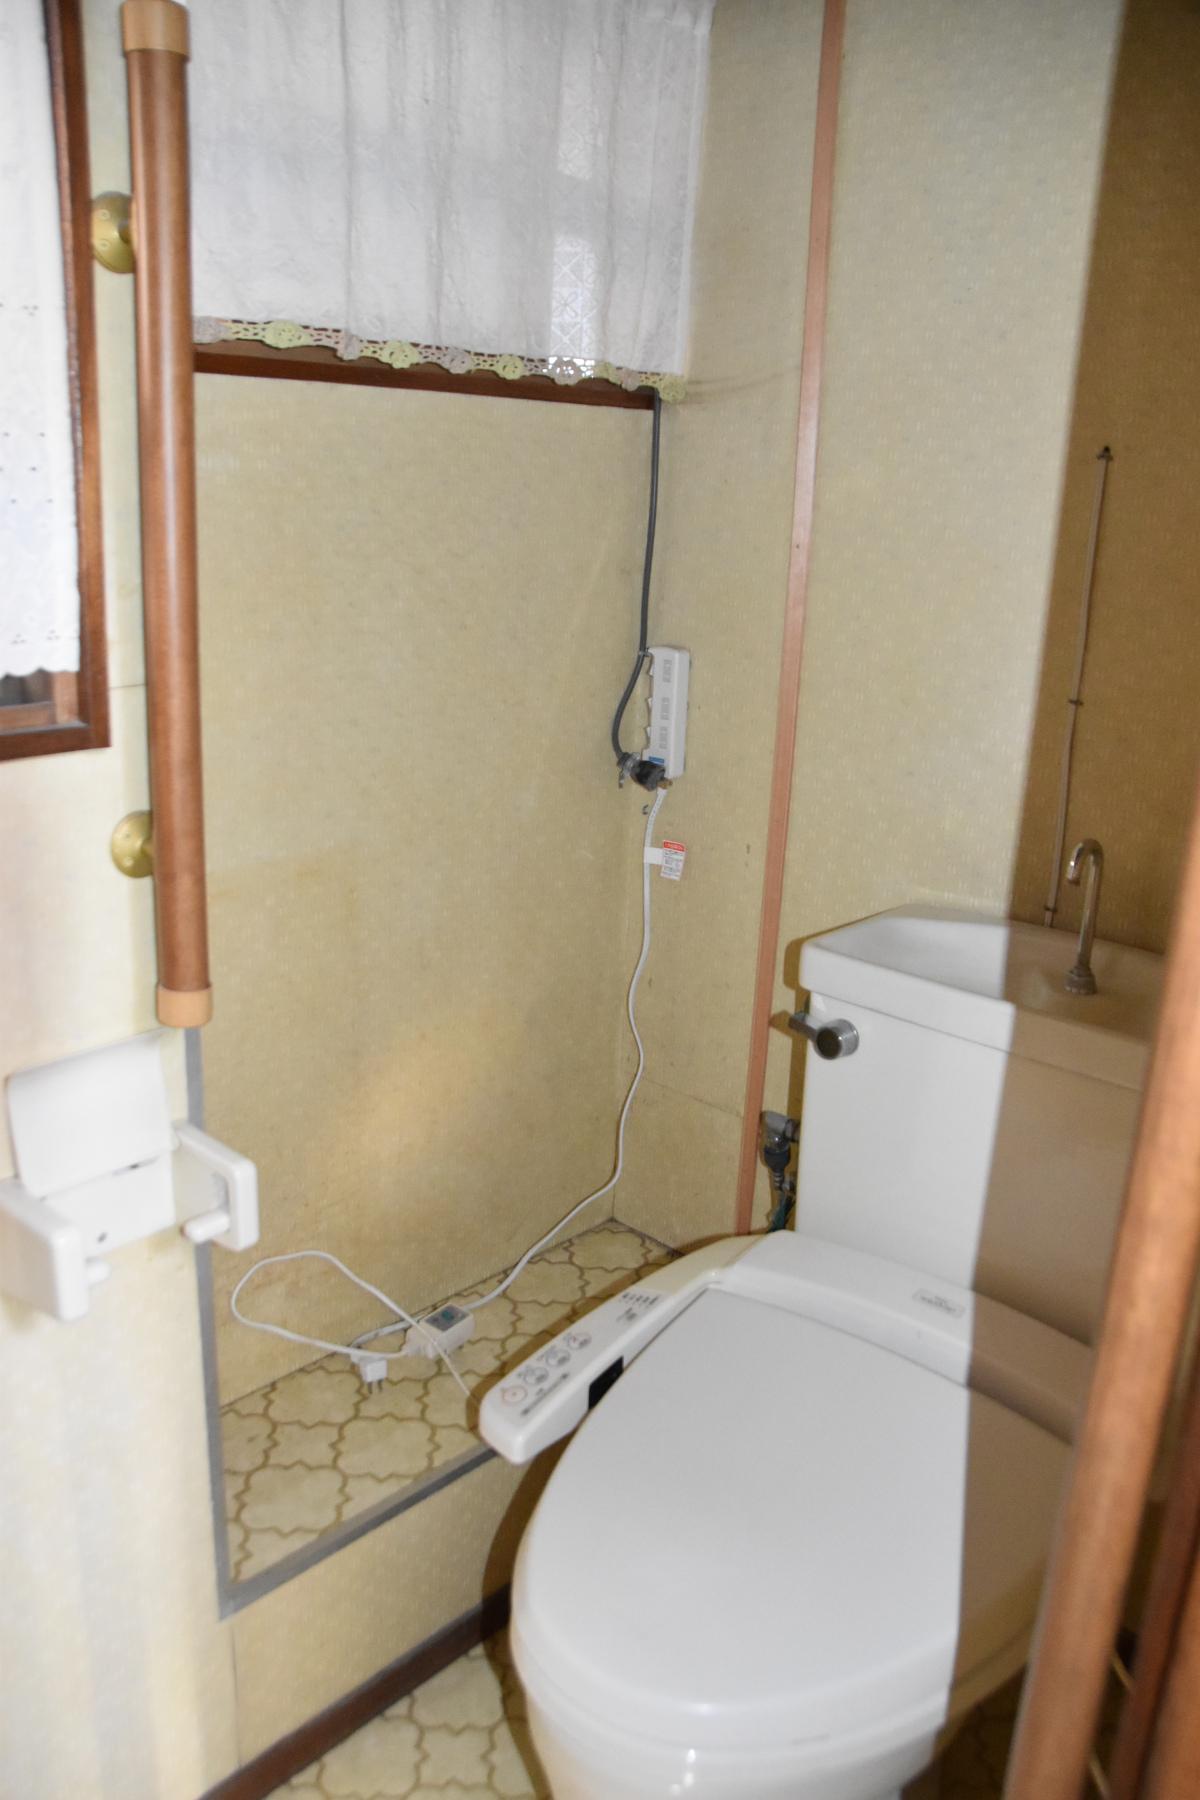 トイレ 向かいに小さな洗面台があり、手を洗うことができます。